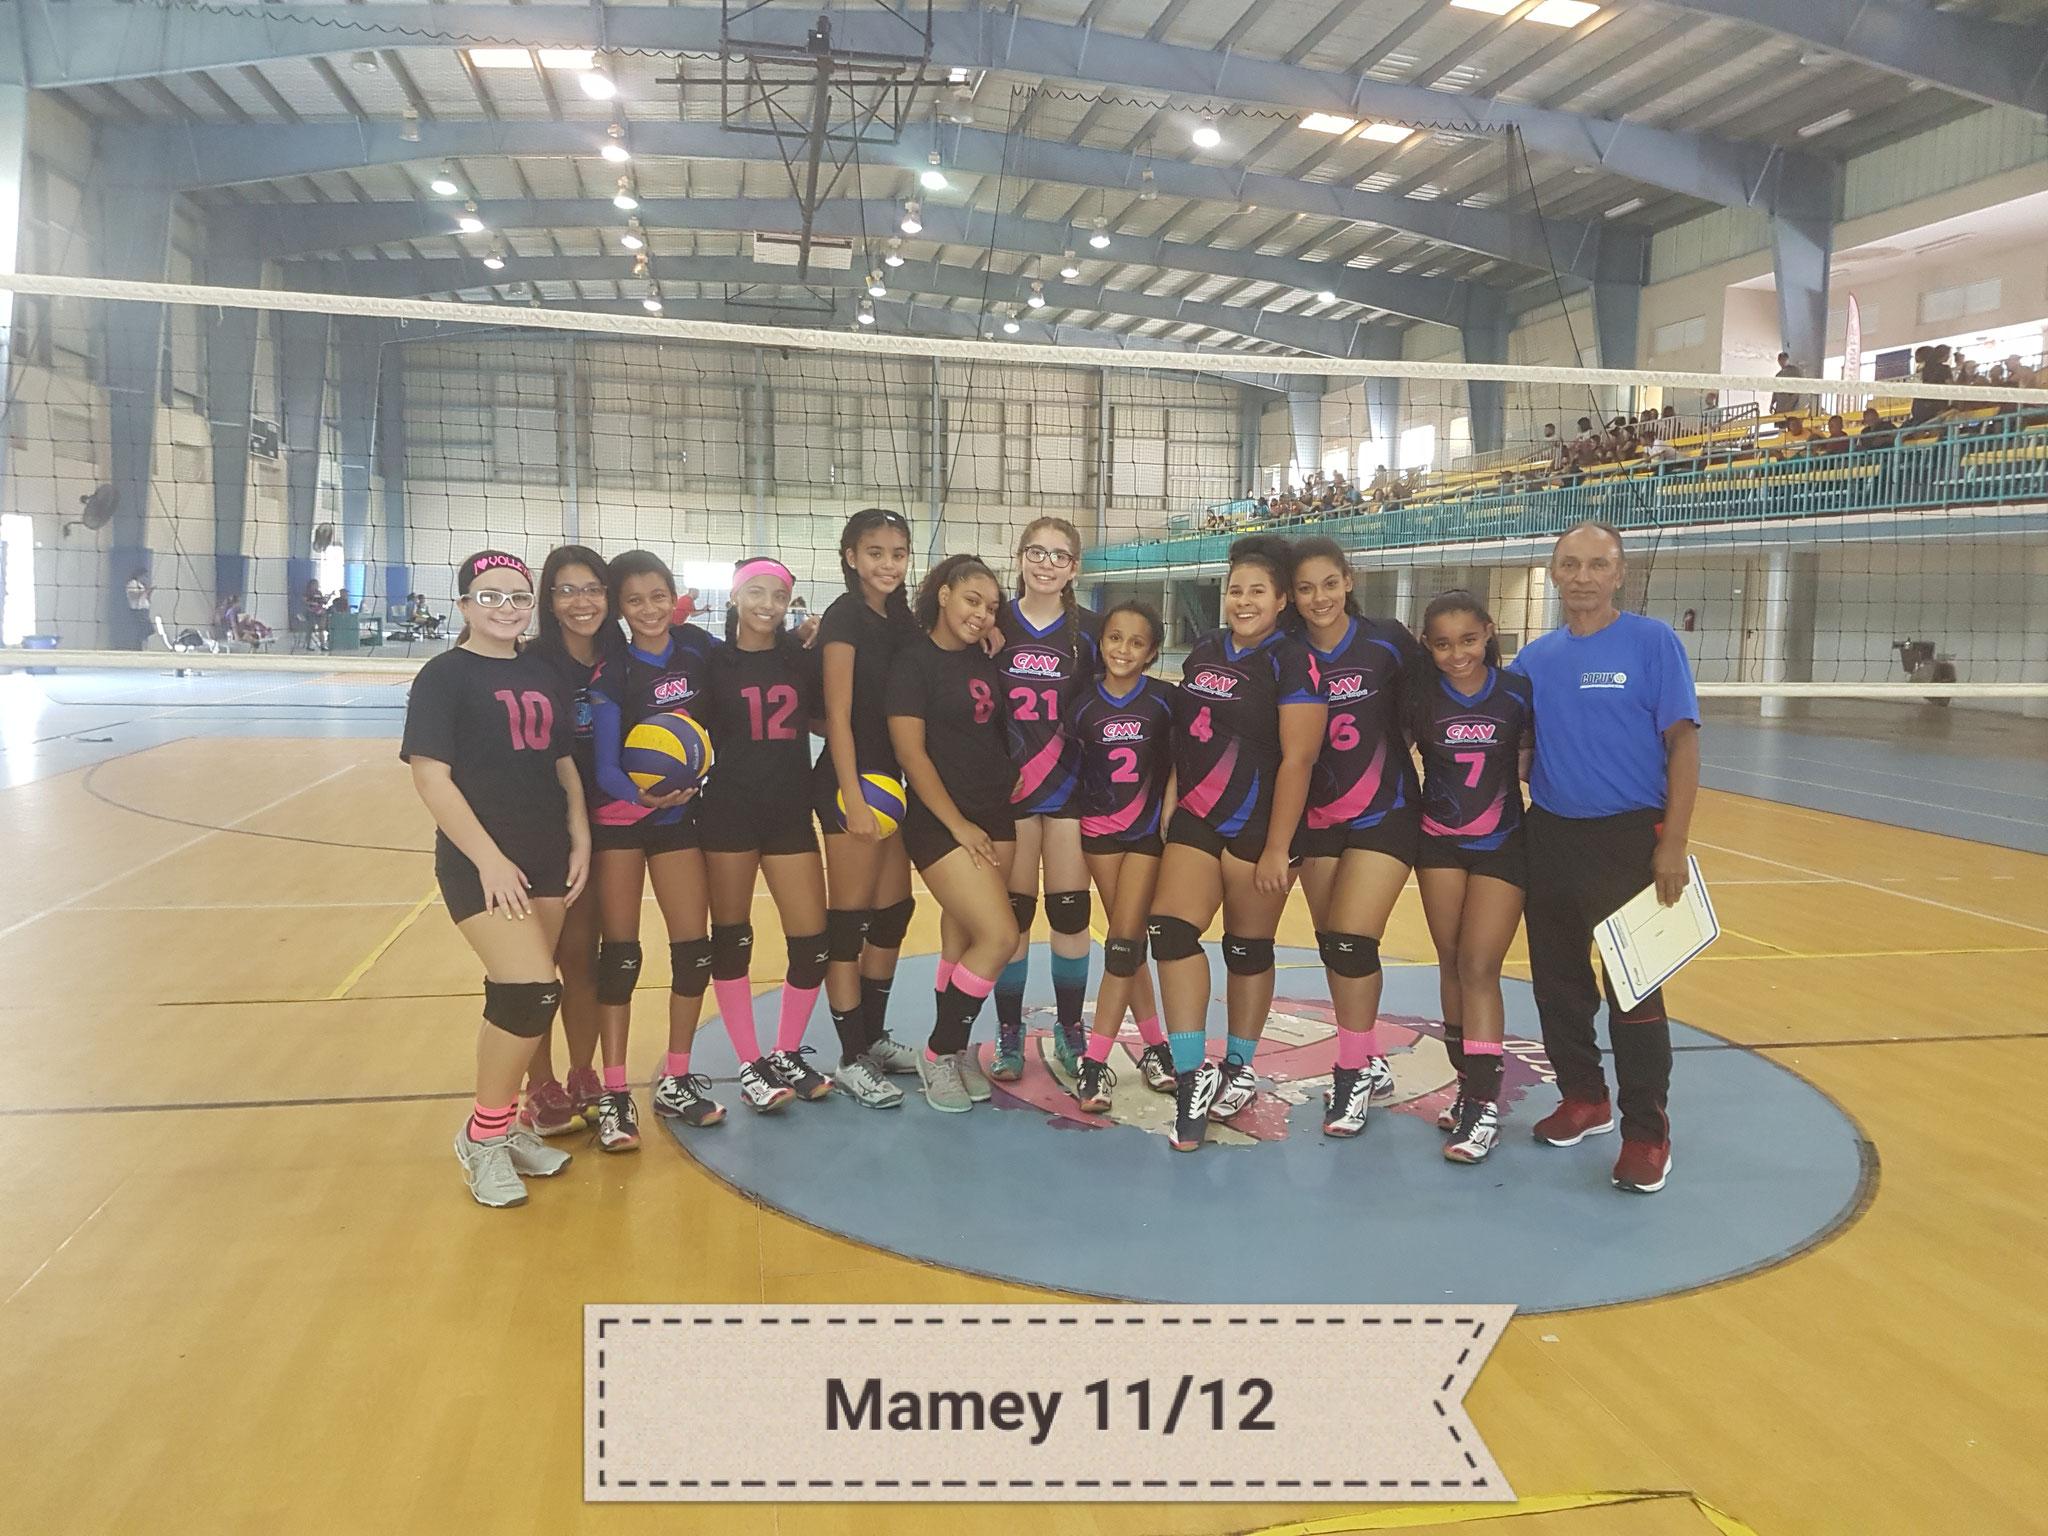 MAMEY DE GUAYNABO SUBCAMPEON EN 11 Y 12 AÑOS